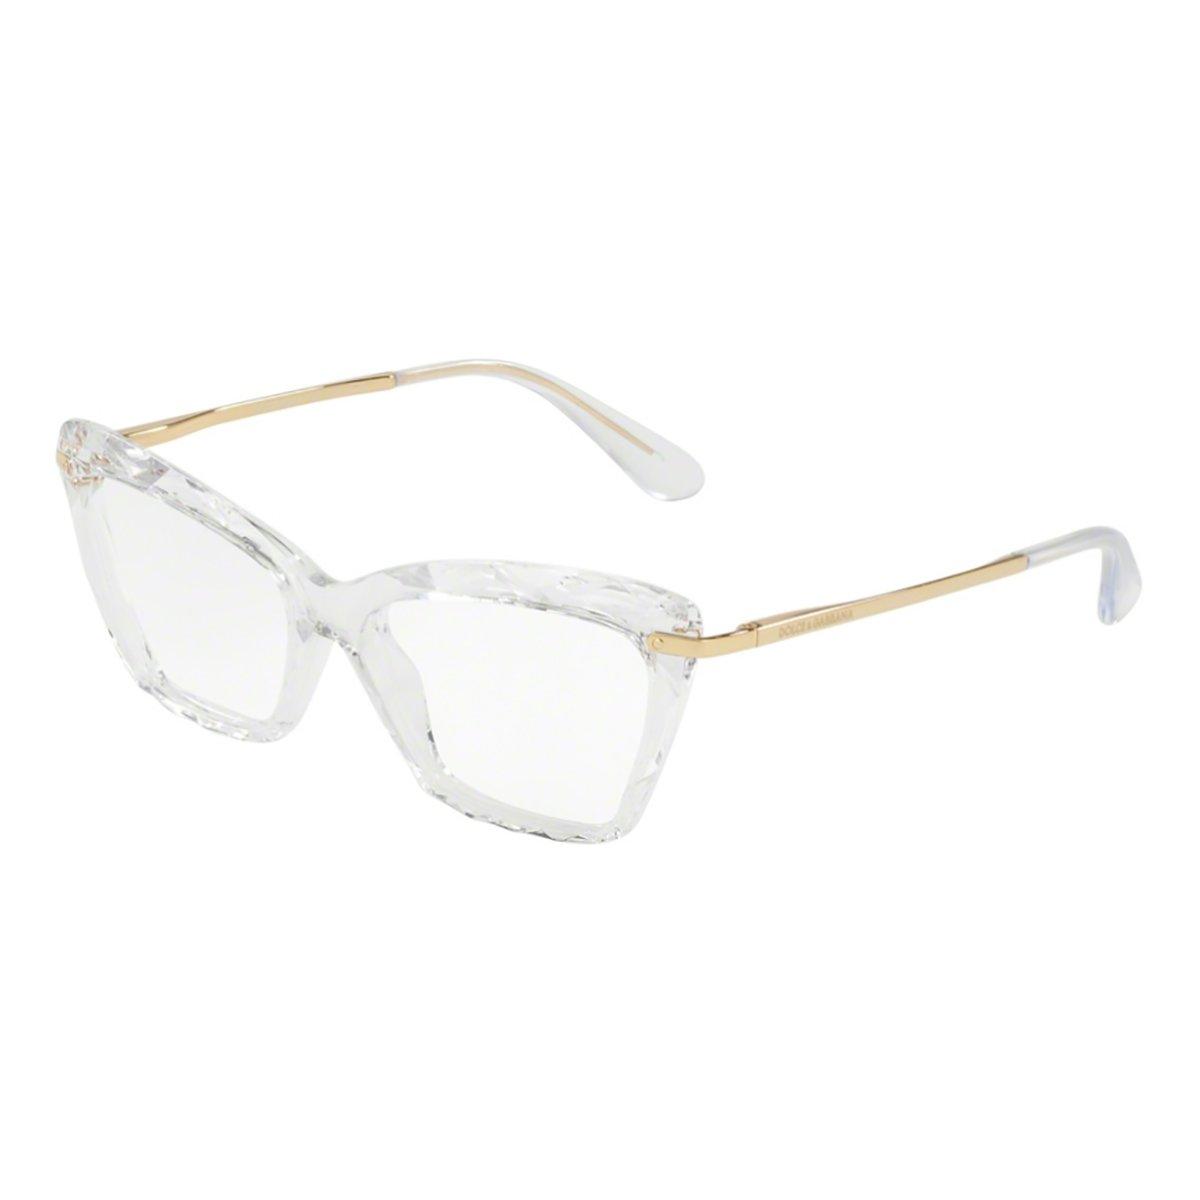 a26e2a3e9cc9e Compre Óculos de Grau Dolce   Gabbana em 10X   Tri-Jóia Shop